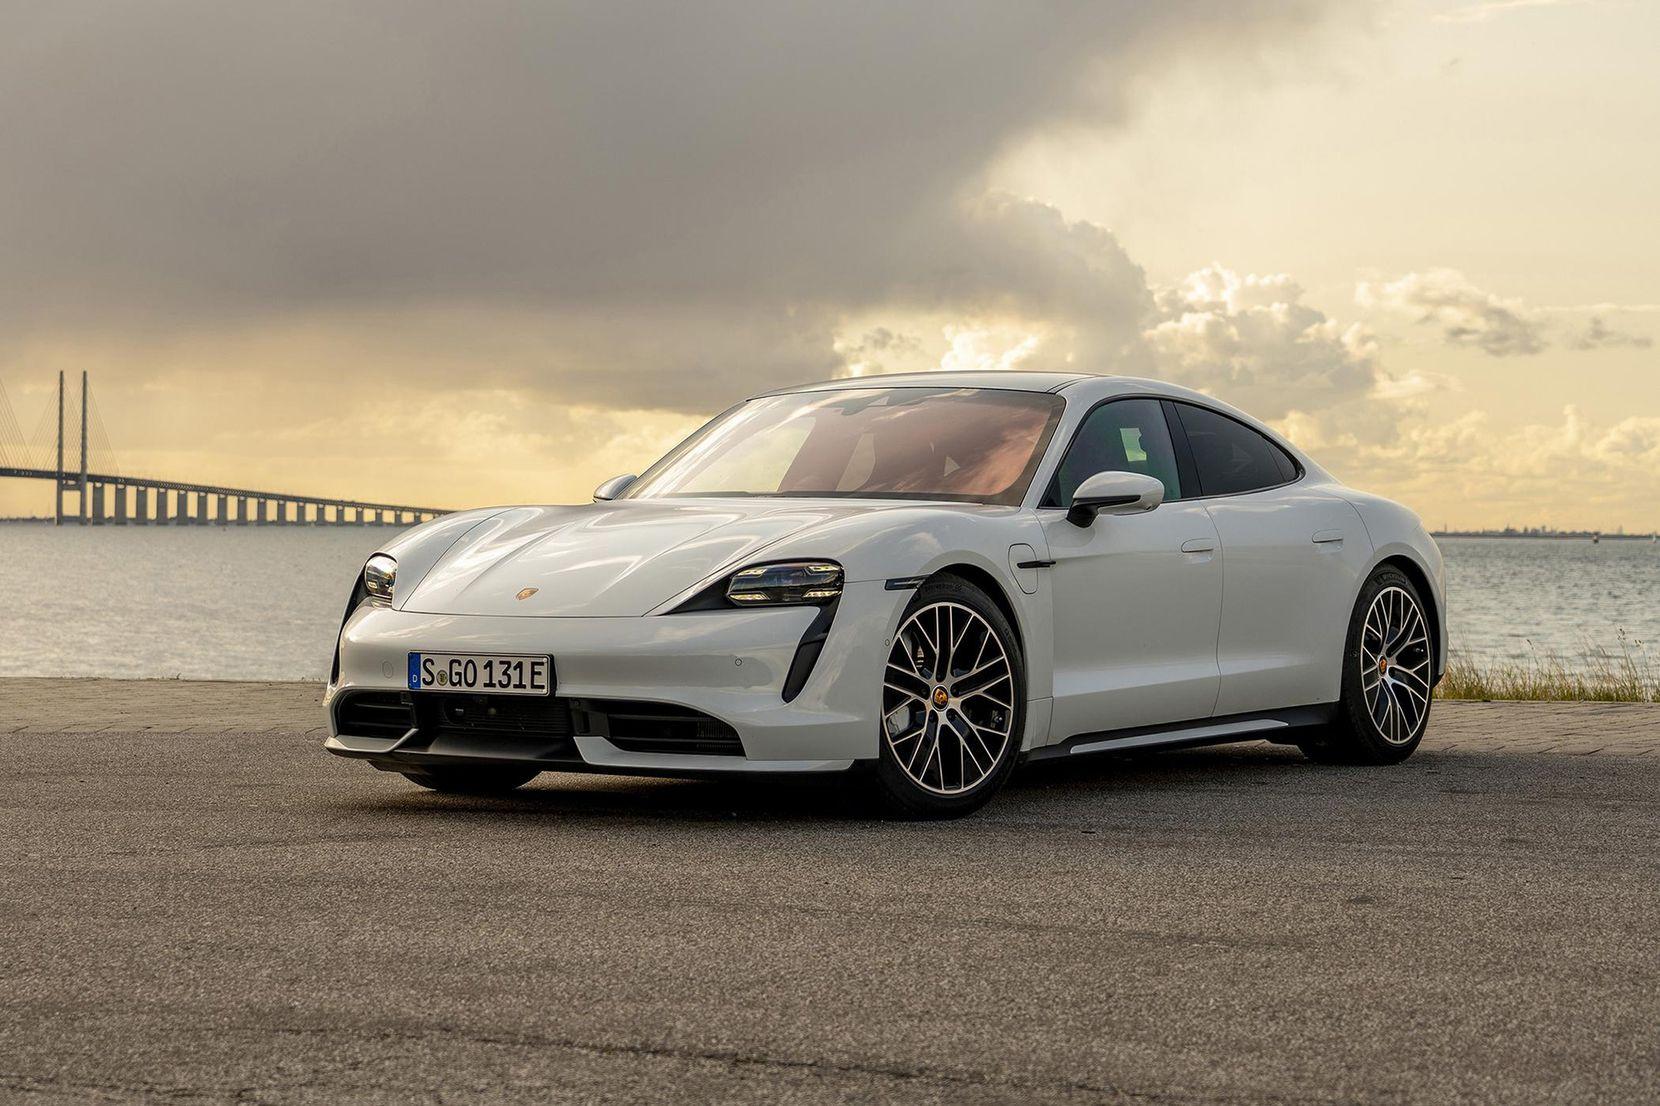 The 2020 Porsche Taycan, Porsche's first all-electric car. (Porsche/TNS)